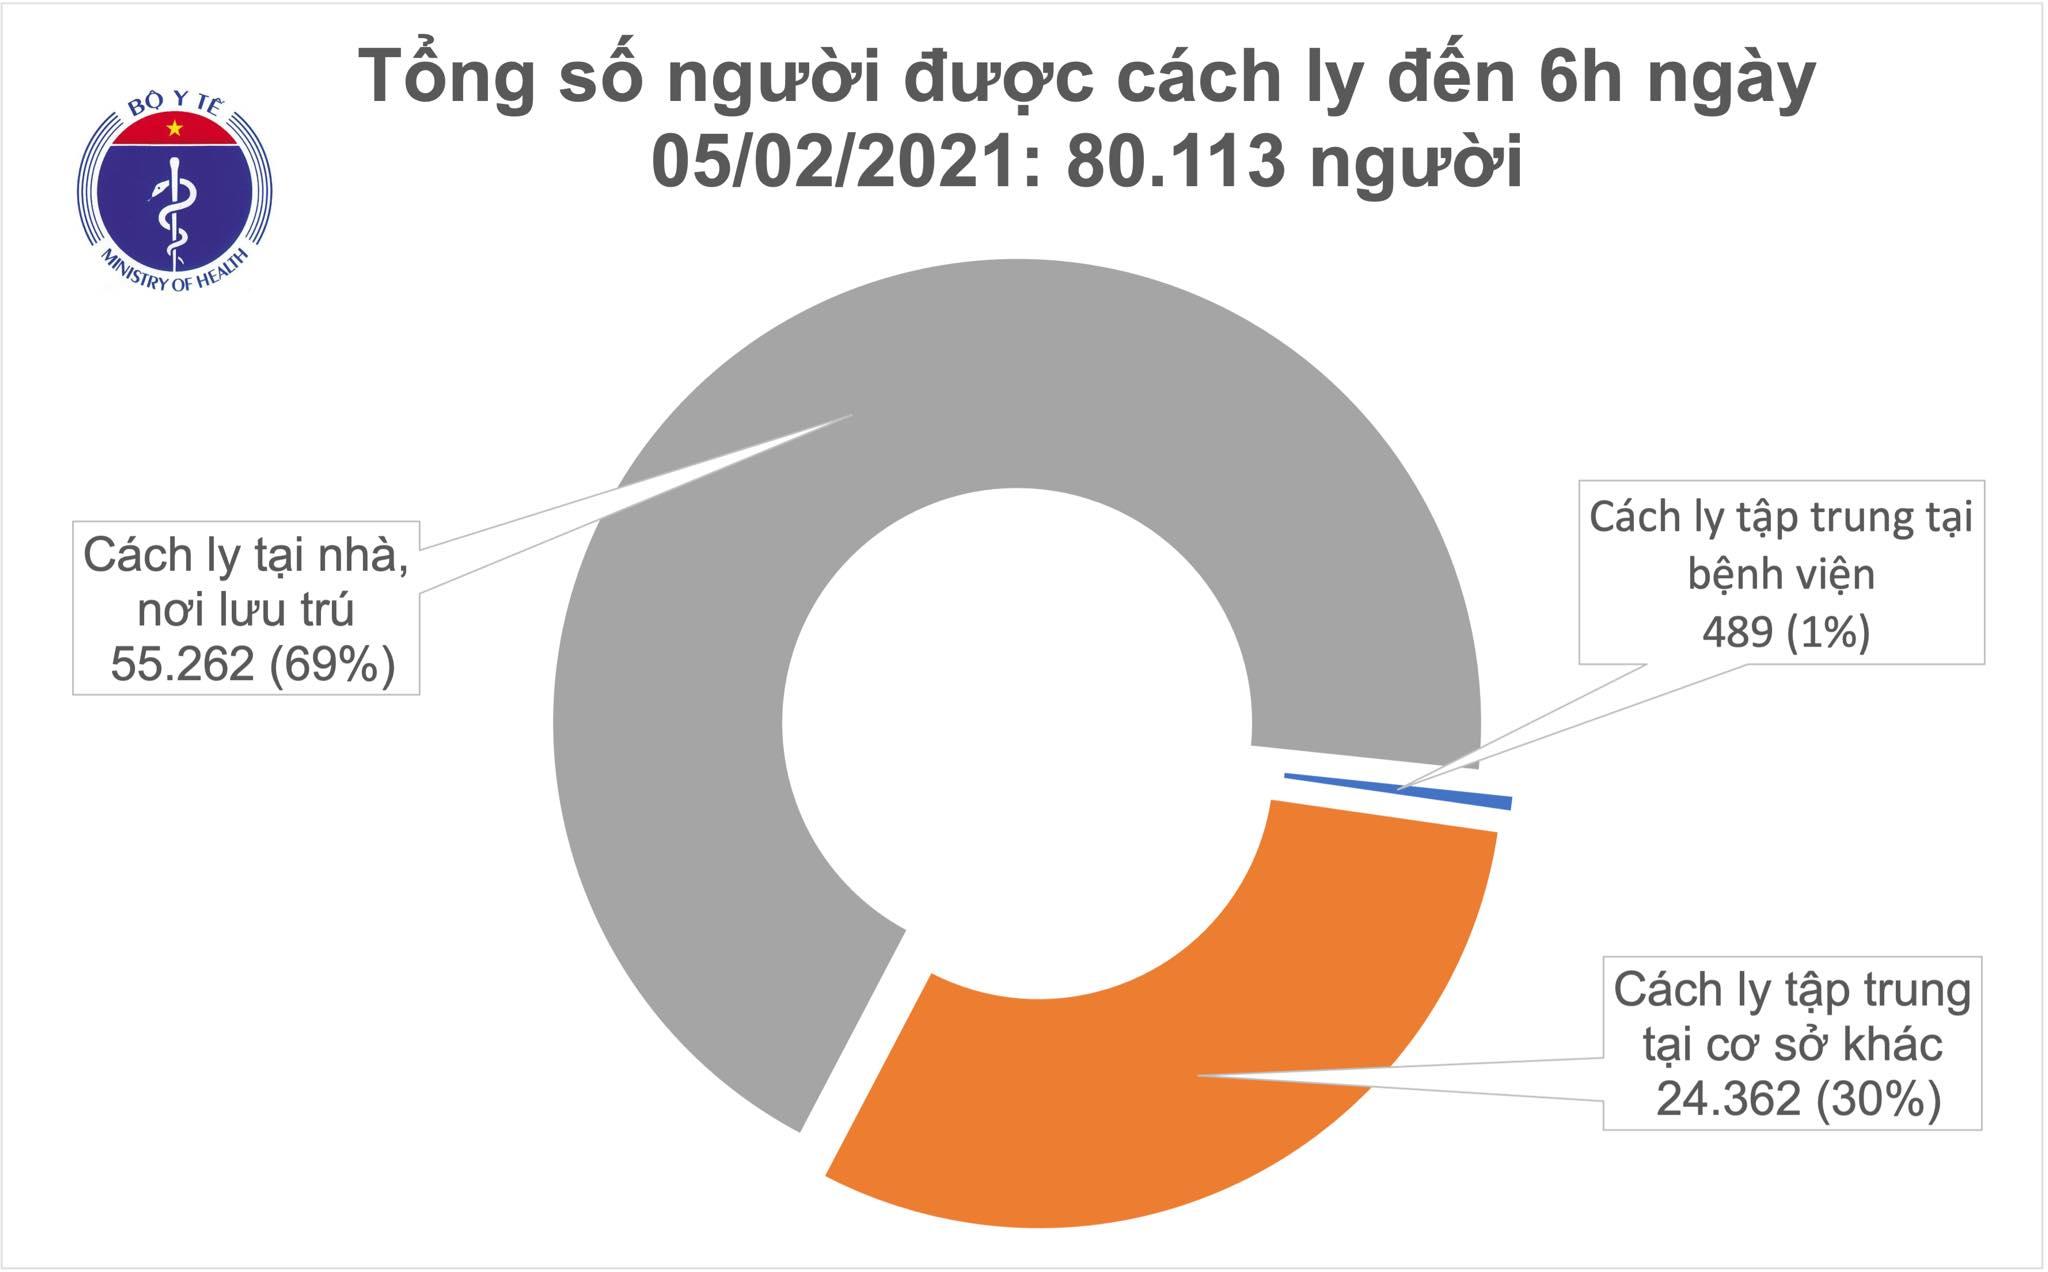 Sáng 5/2, không có ca mắc COVID-19, Việt Nam chữa khỏi 1.465 bệnh nhân